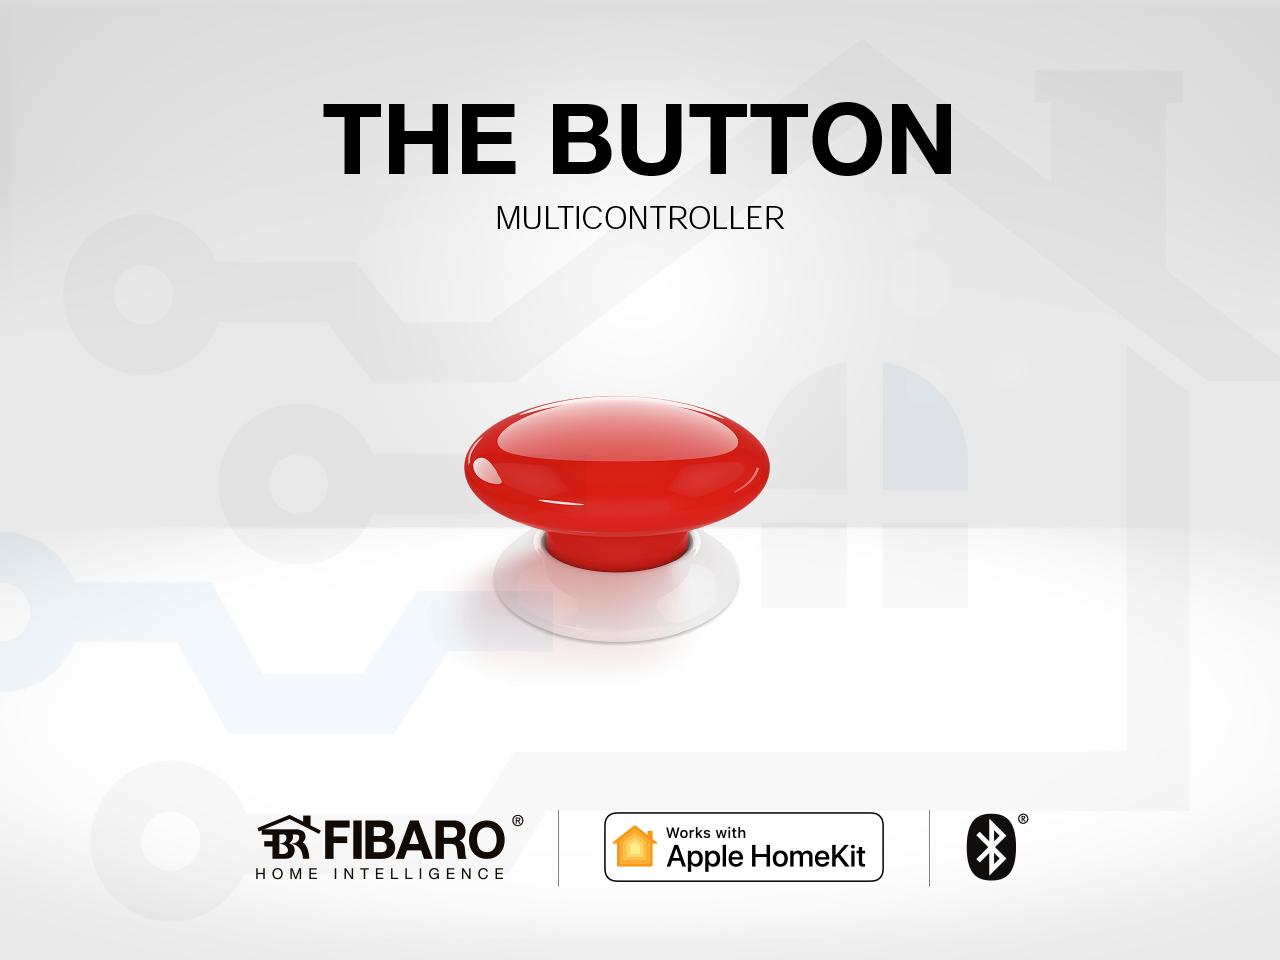 FIBARO-The-Button-HK-ottosystem-01